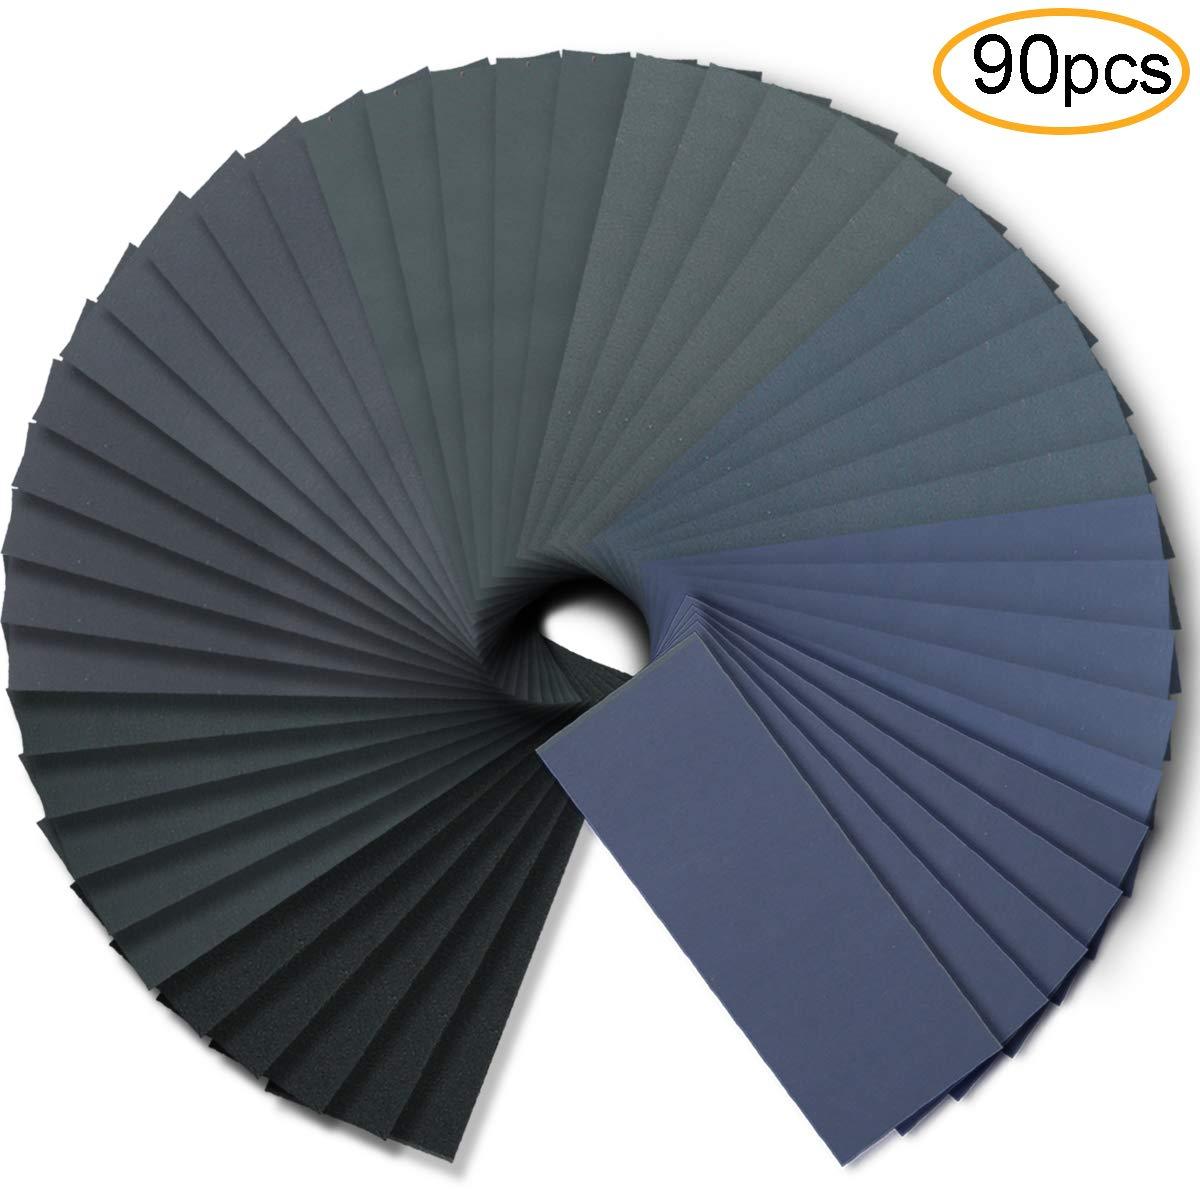 Wet Dry Sandpaper, Assortment 240-3000 Grit for Automotive Wood Plastic Sanding, 90pcs by FRIMOONY